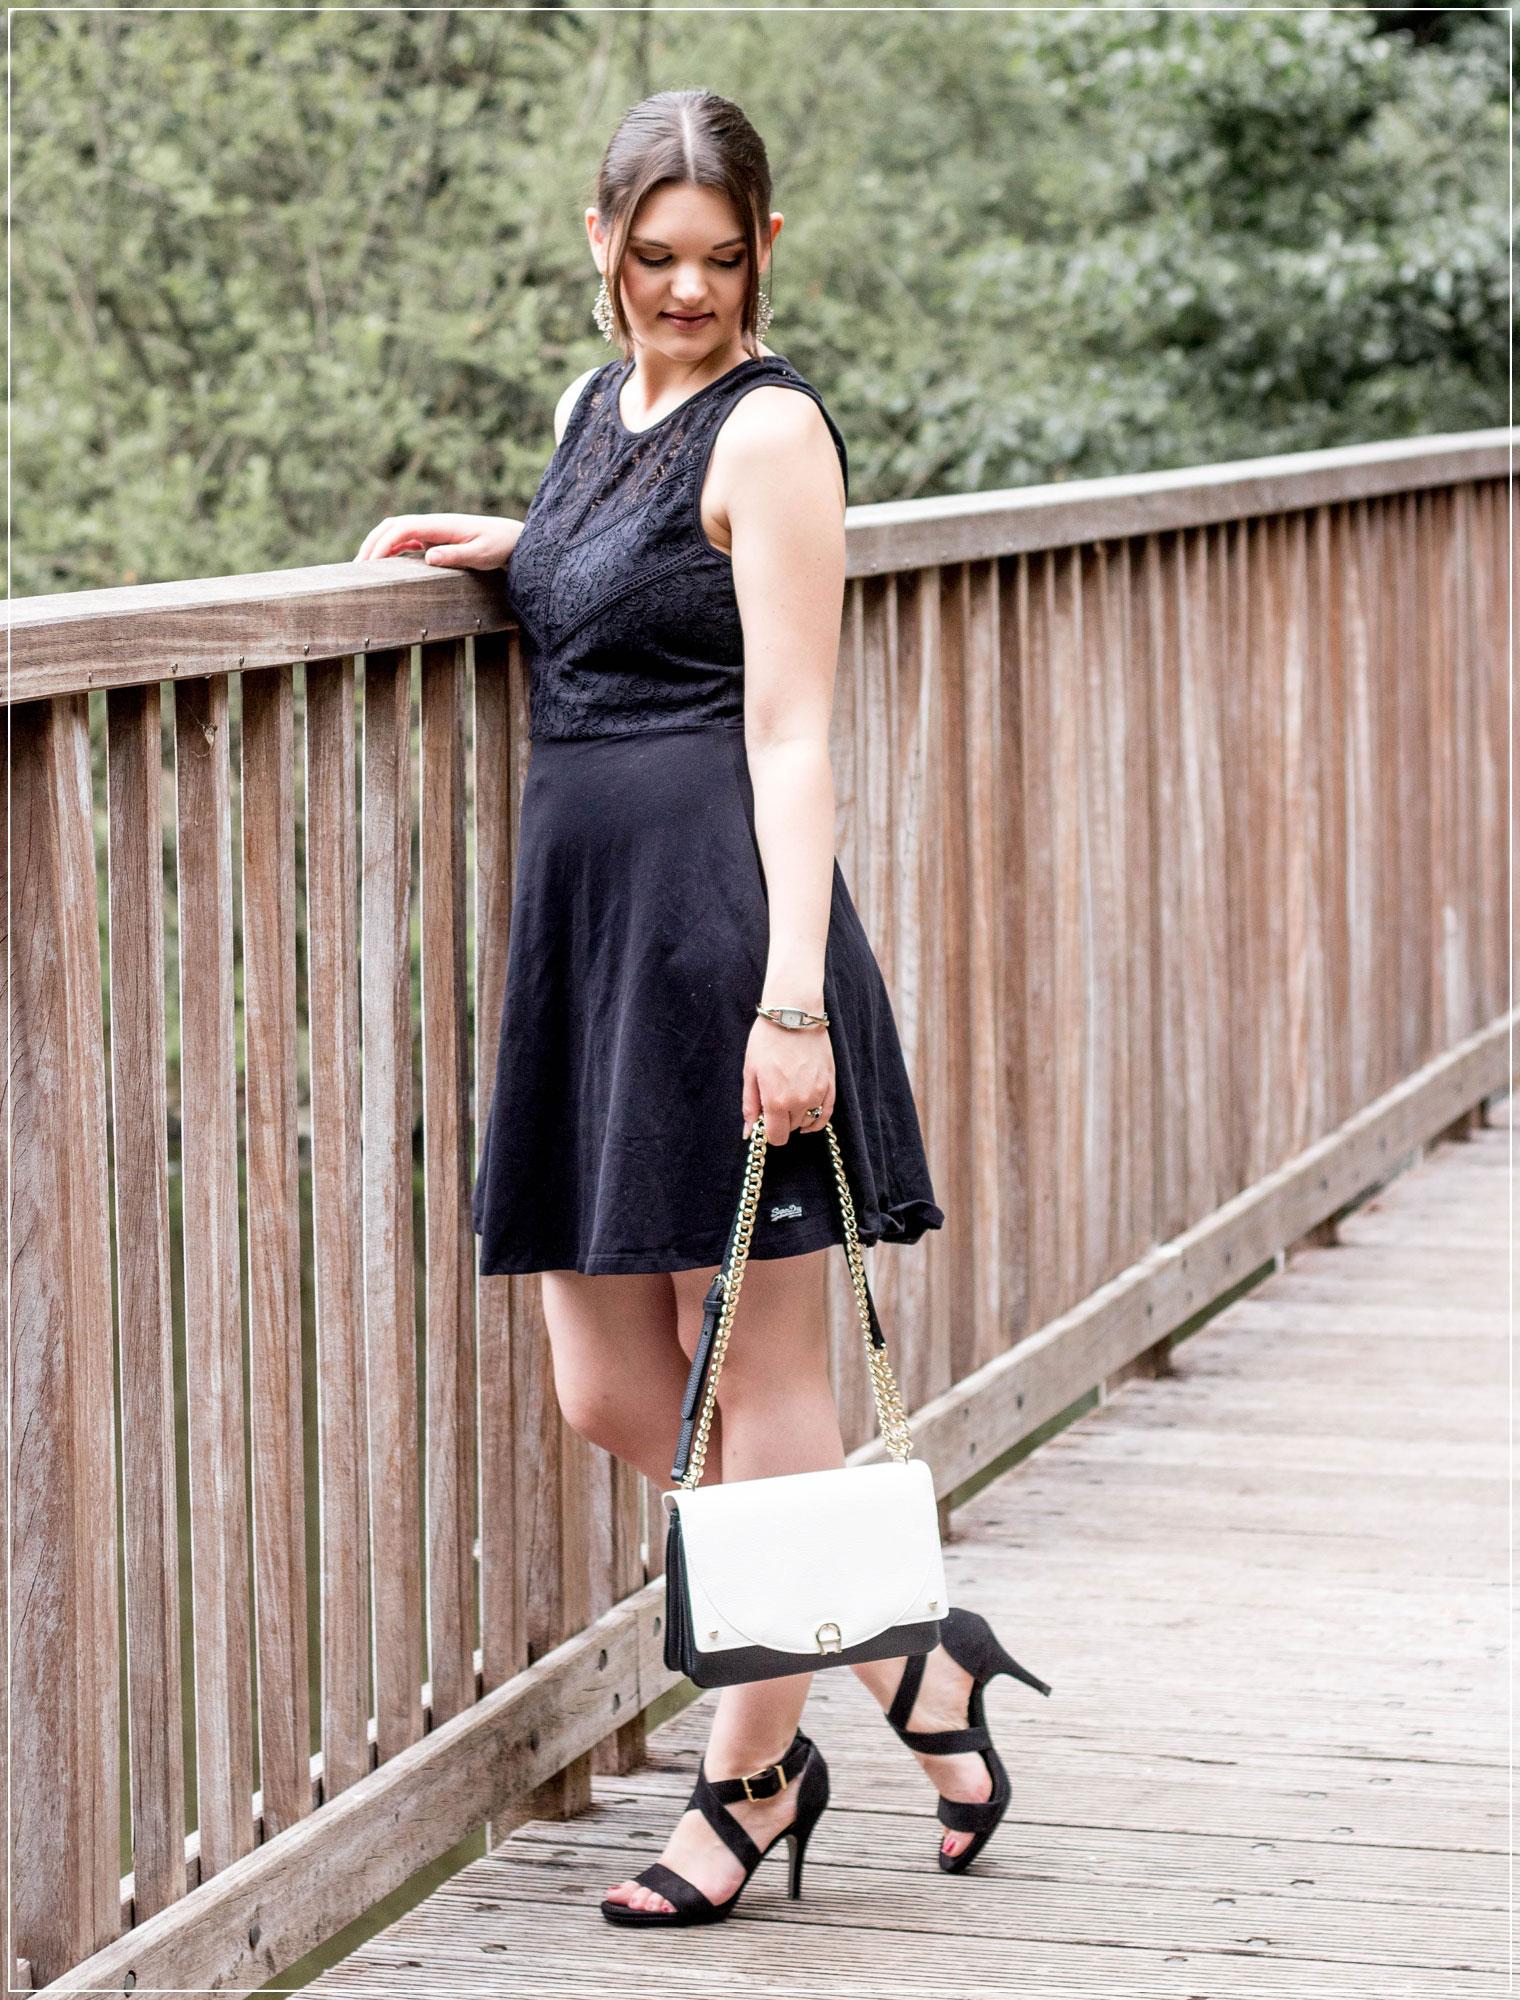 Peek & Cloppenburg, Freizeitkleid, Jerseykleid, Sommerkleid, Sommeroutfit, Outfitinspiration, Summerstyle, Boho, Modebloggerin, Fashionbloggerin, Modeblog, Ruhrgebiet